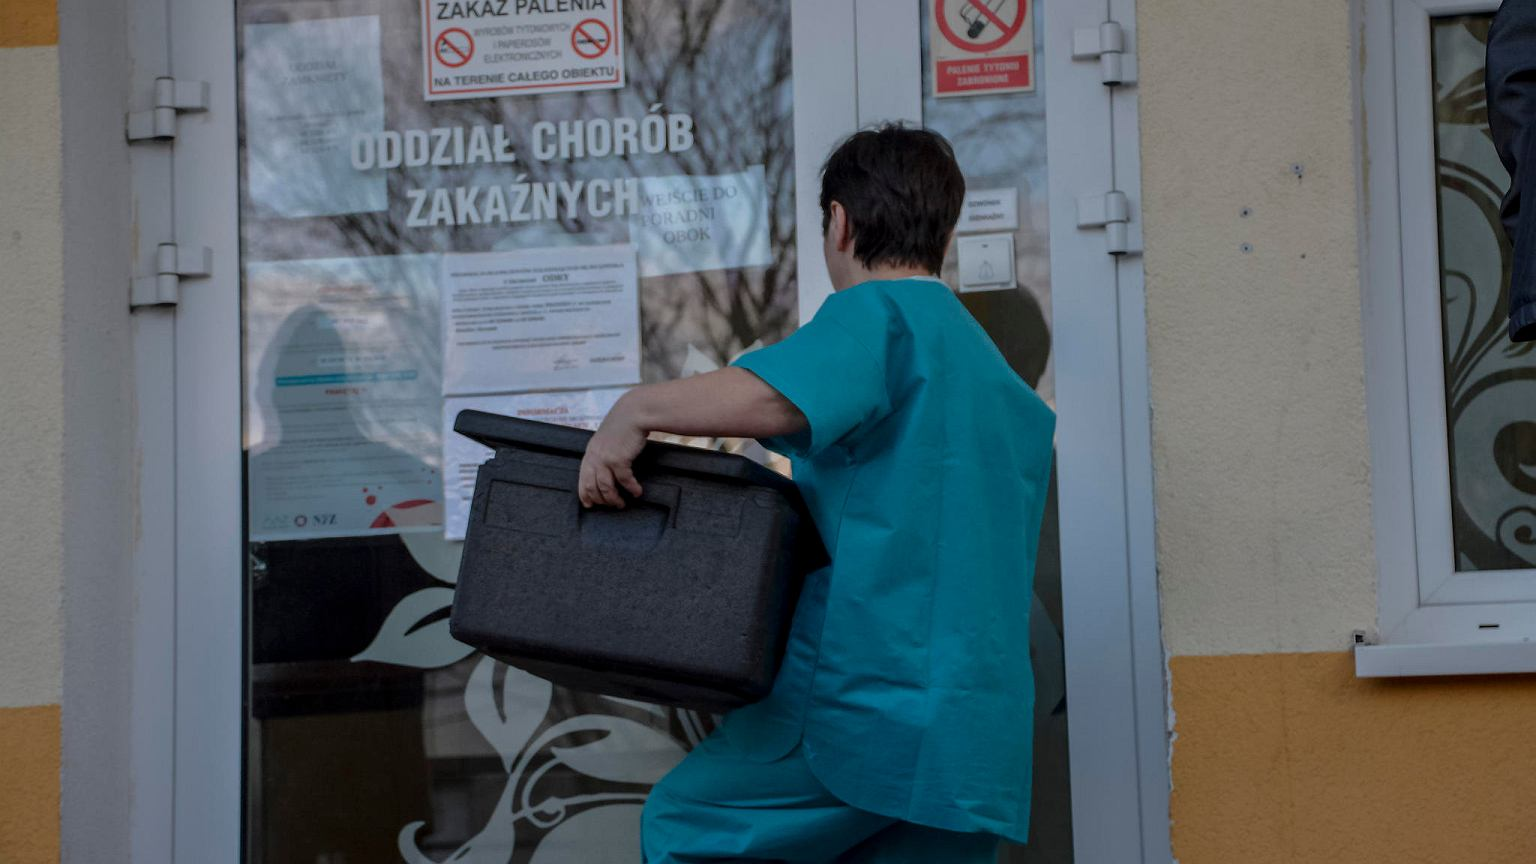 Koronawirus w Polsce. Żona pierwszego zakażonego pacjenta uspokaja: Musi po prostu odpoczywać